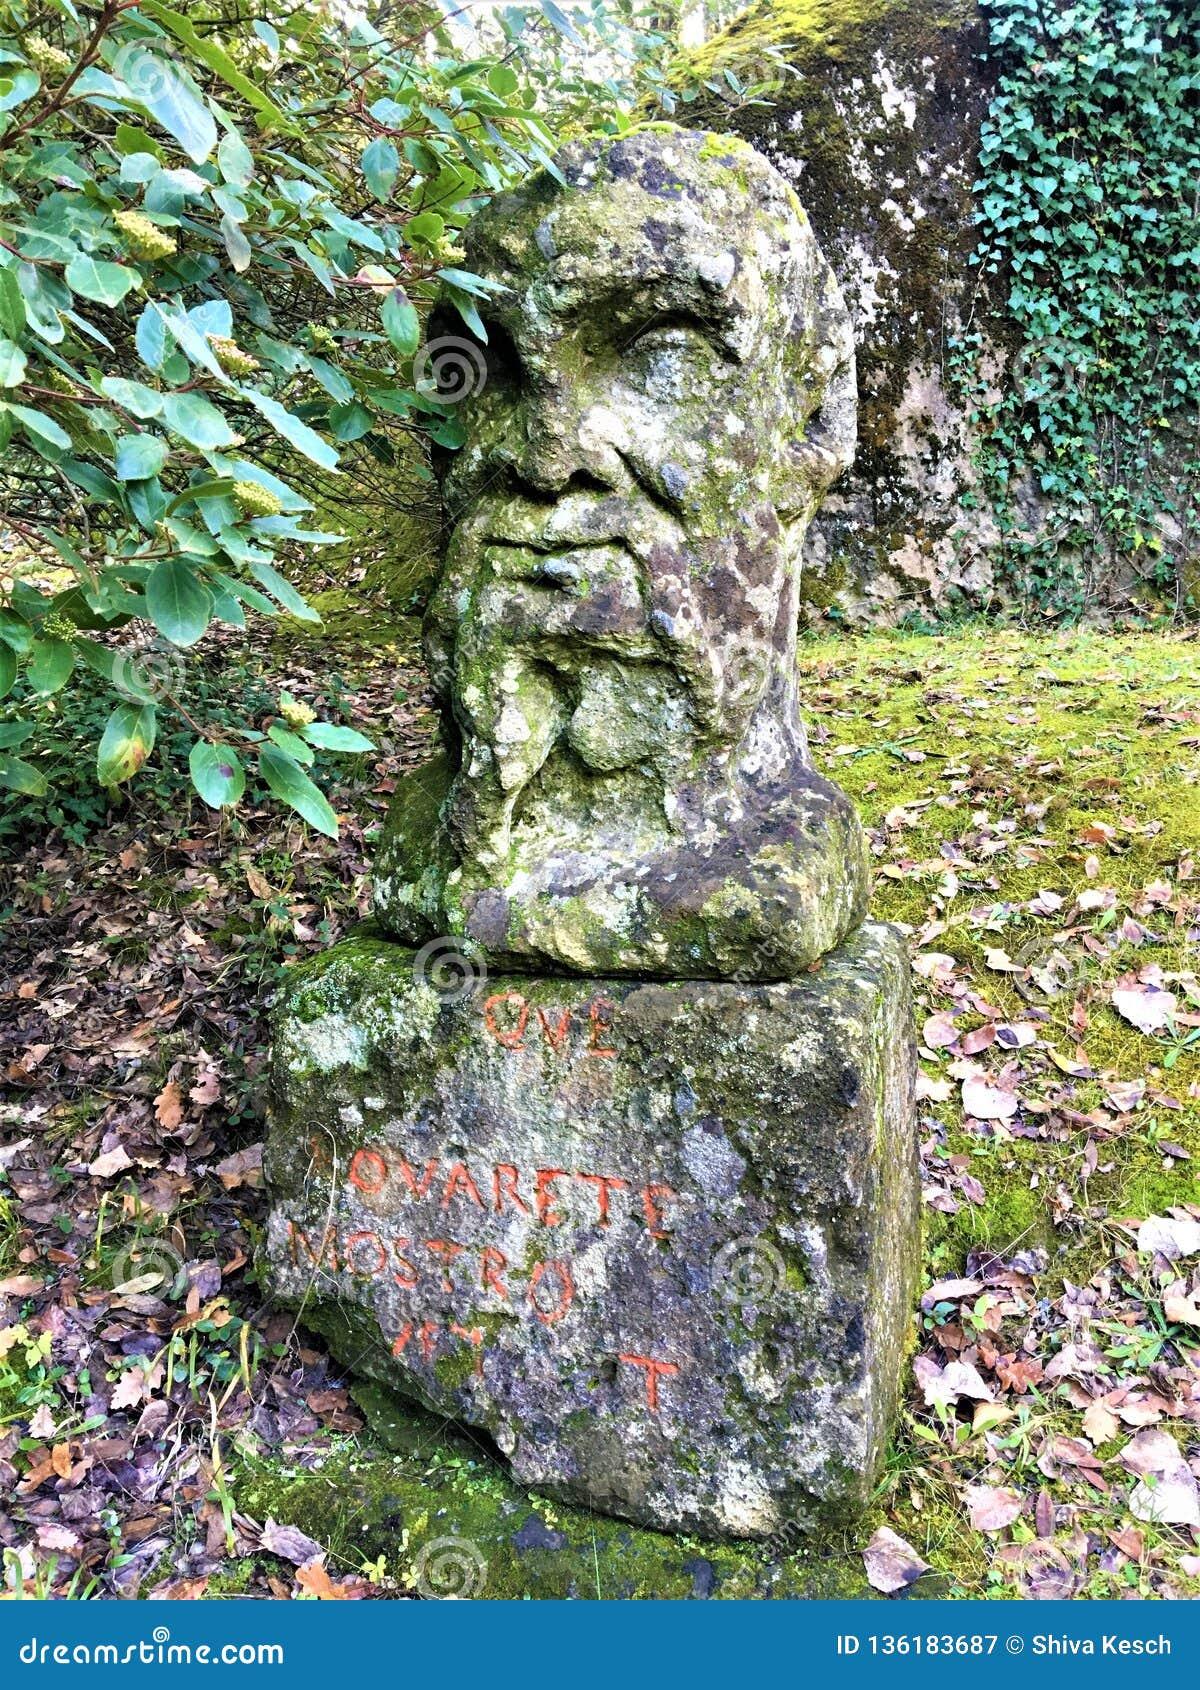 Park van de Monsters, Heilig Bosje, Tuin van Bomarzo Pier Francesco Orsini en zijn standbeelden